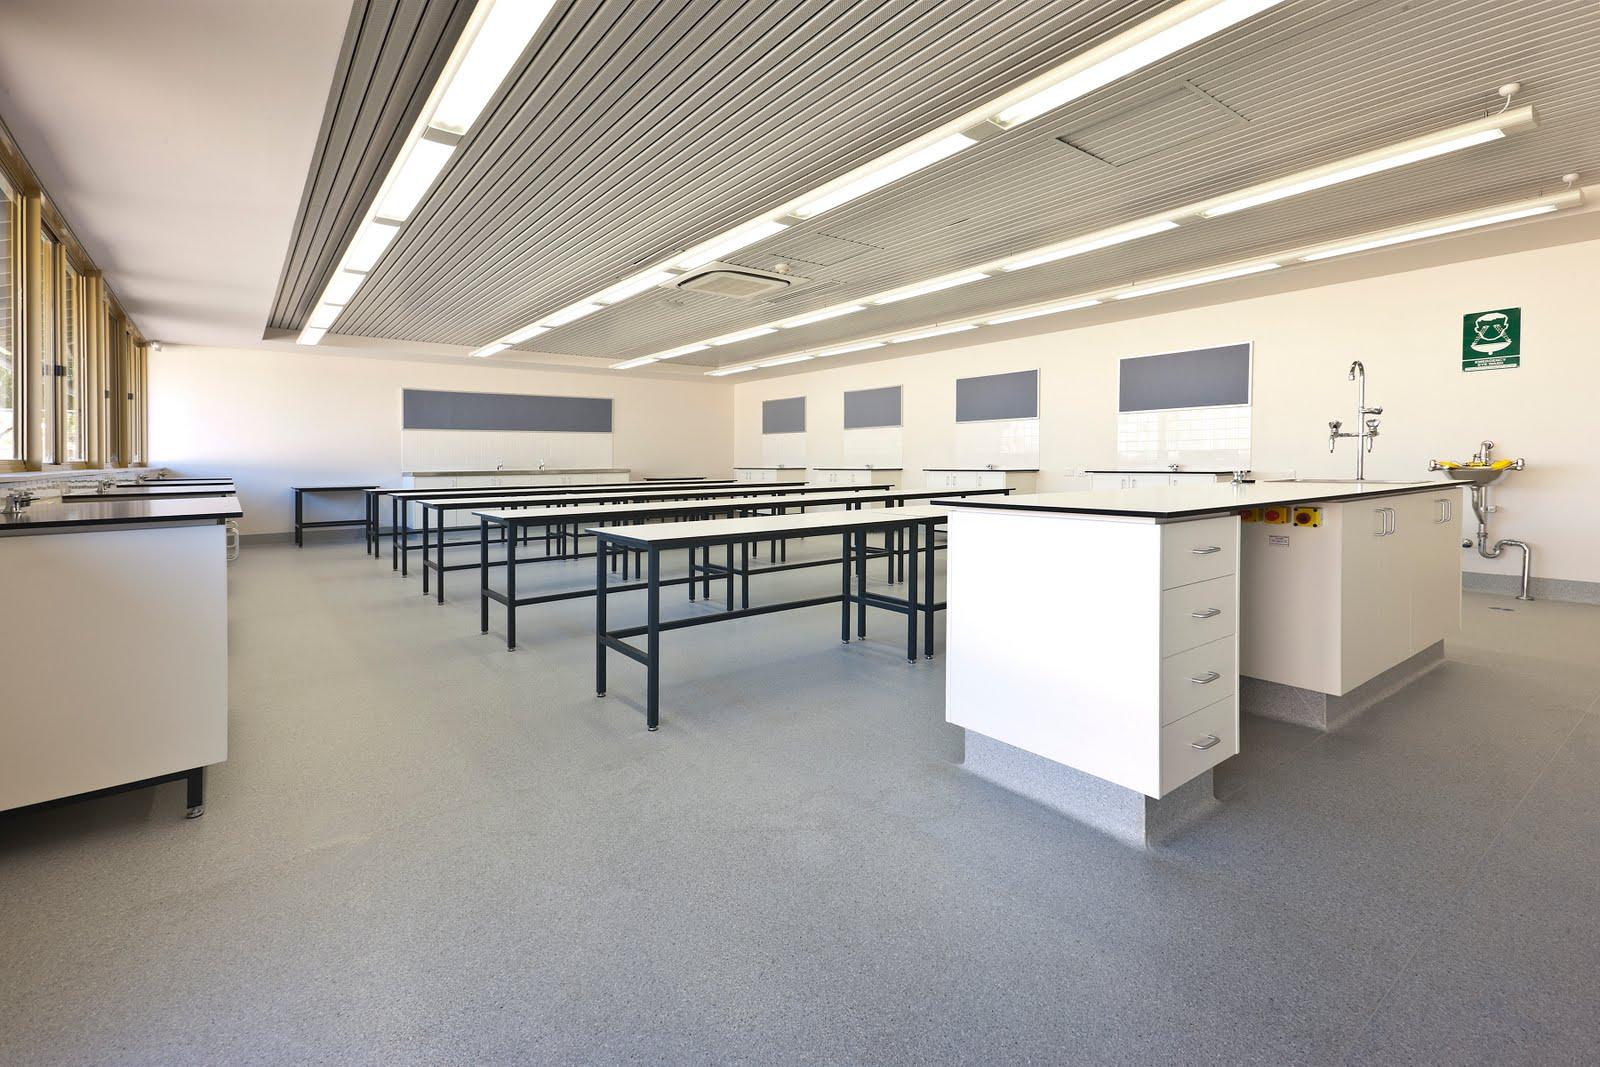 Sàn vinyl Armstrong có khả năng kháng khuẩn và chống tĩnh điện tốt